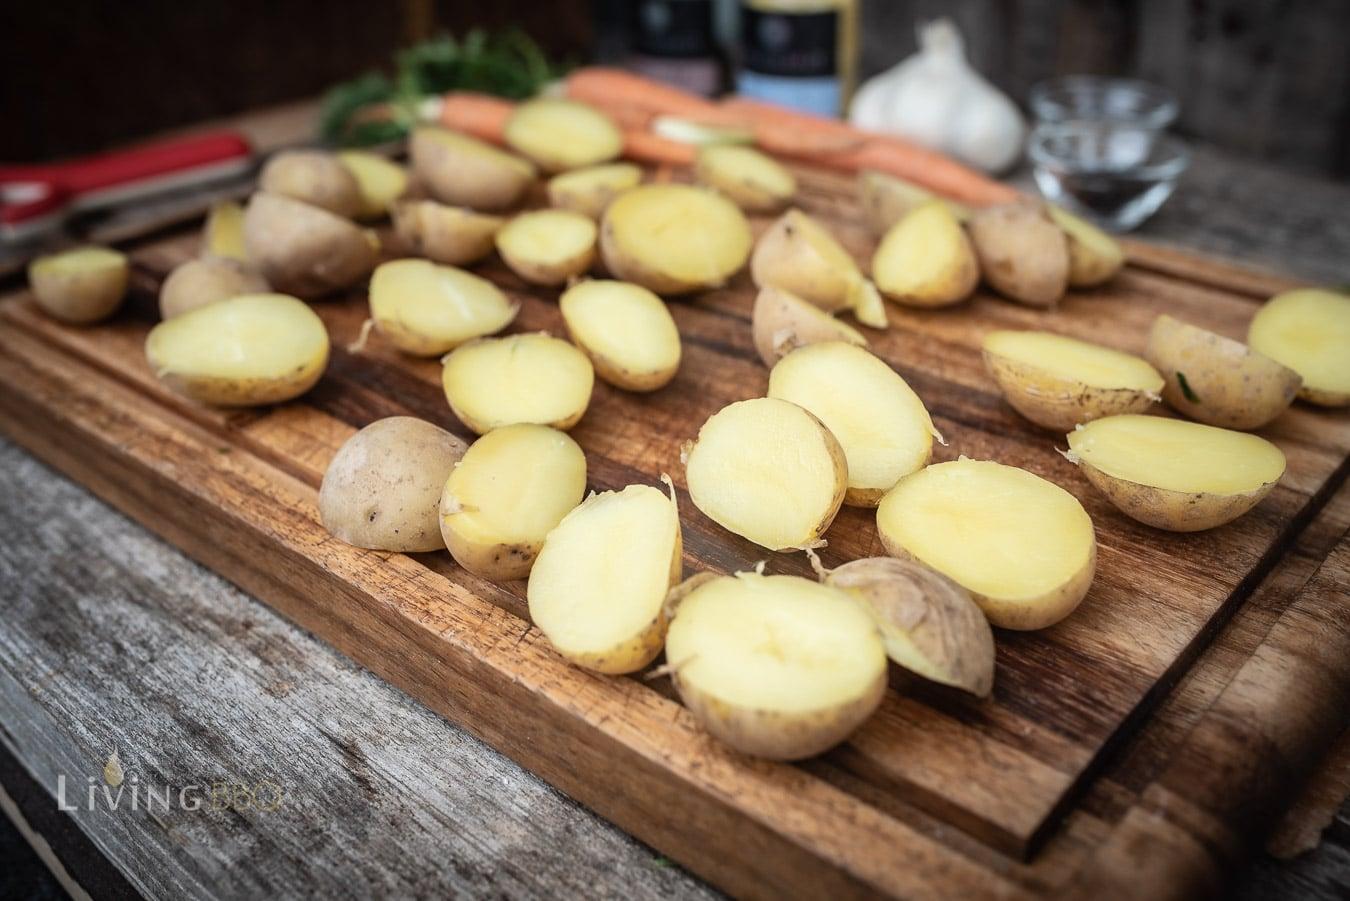 Kartoffeln für die Feuerplatte